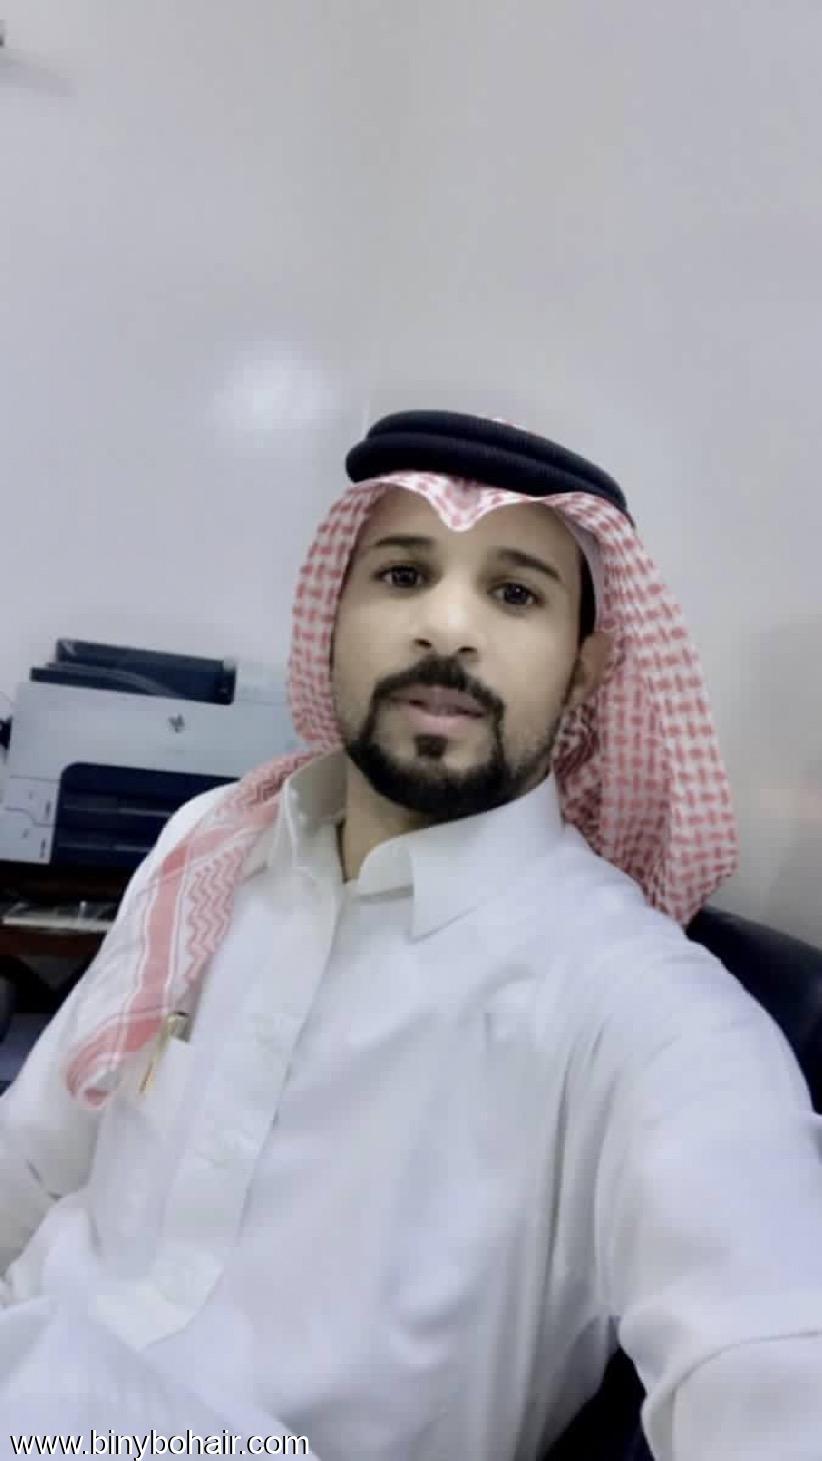 """الاستاذ """" احمد عبيدالله المنتشري"""" iqr30014.jpeg"""